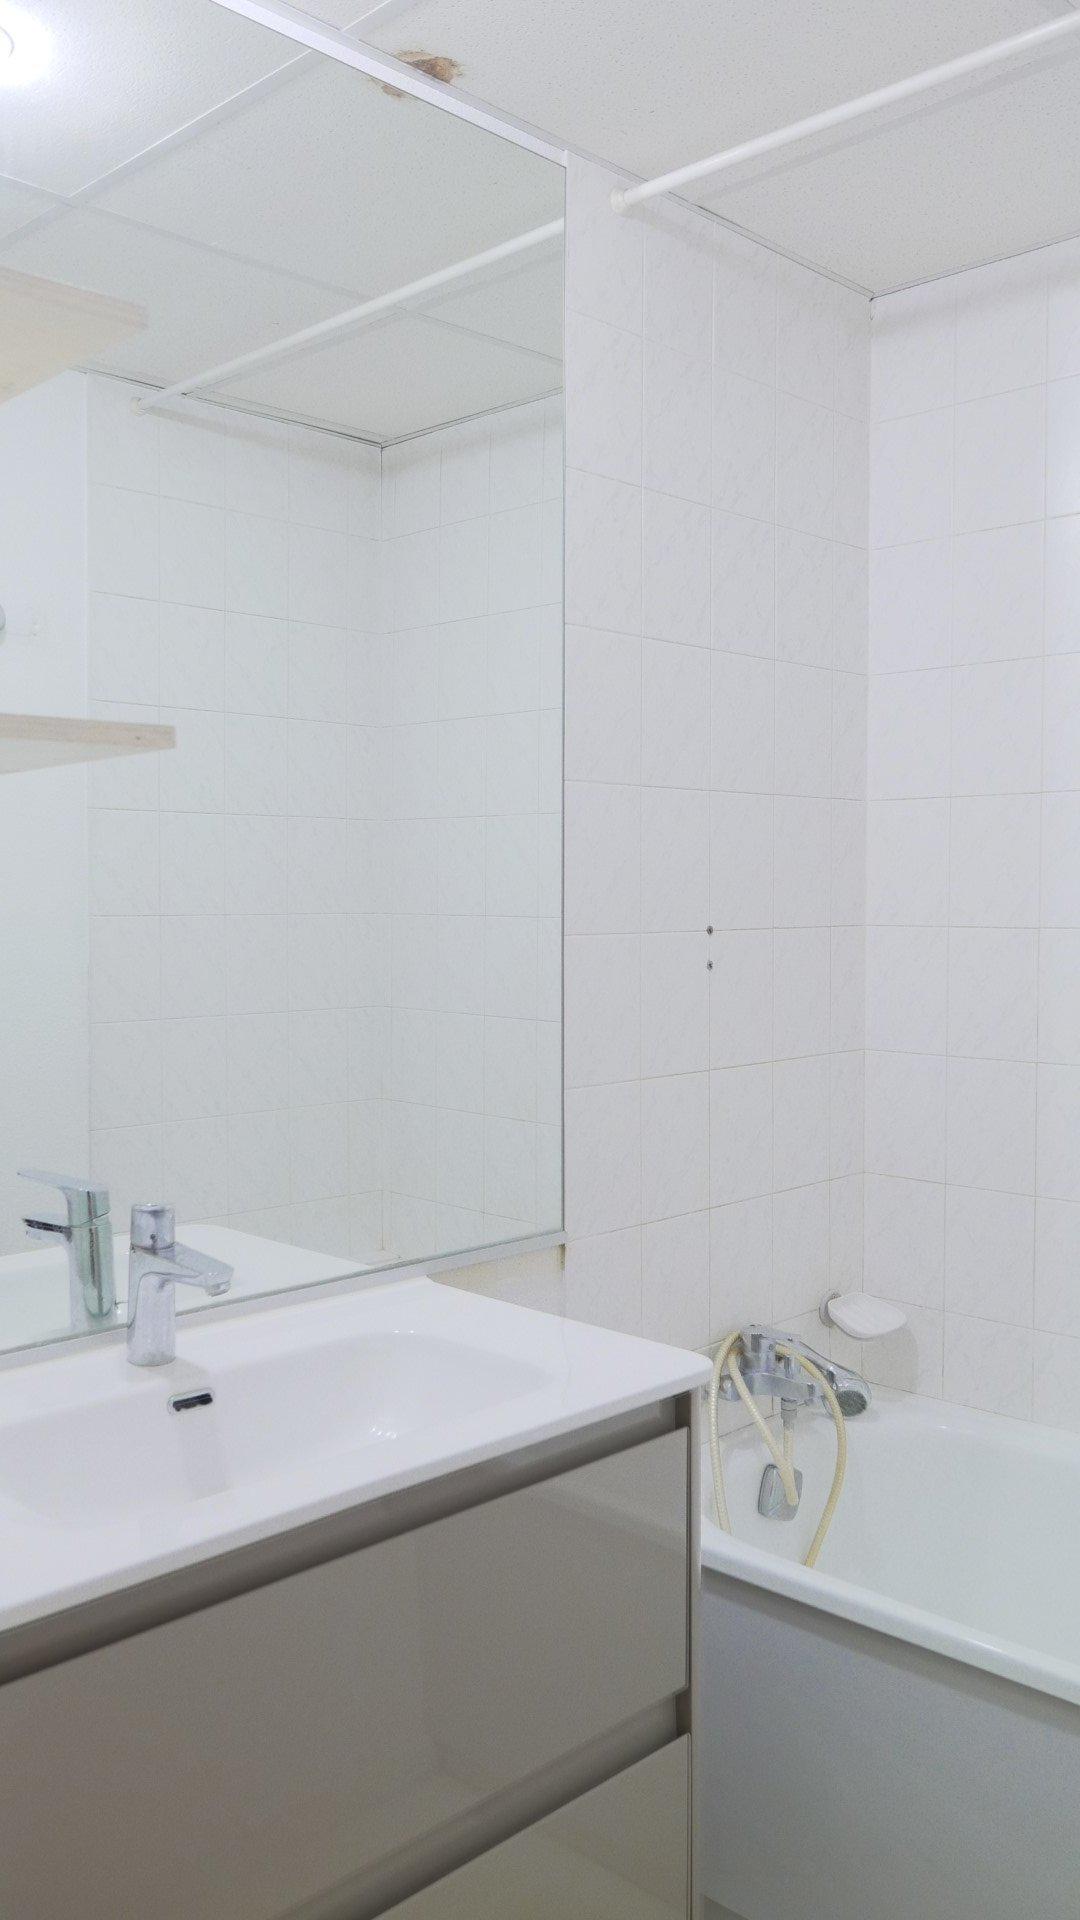 Location Appartement, Surface de 20.99 m², 1 pièce, Lyon 7ème (69007)